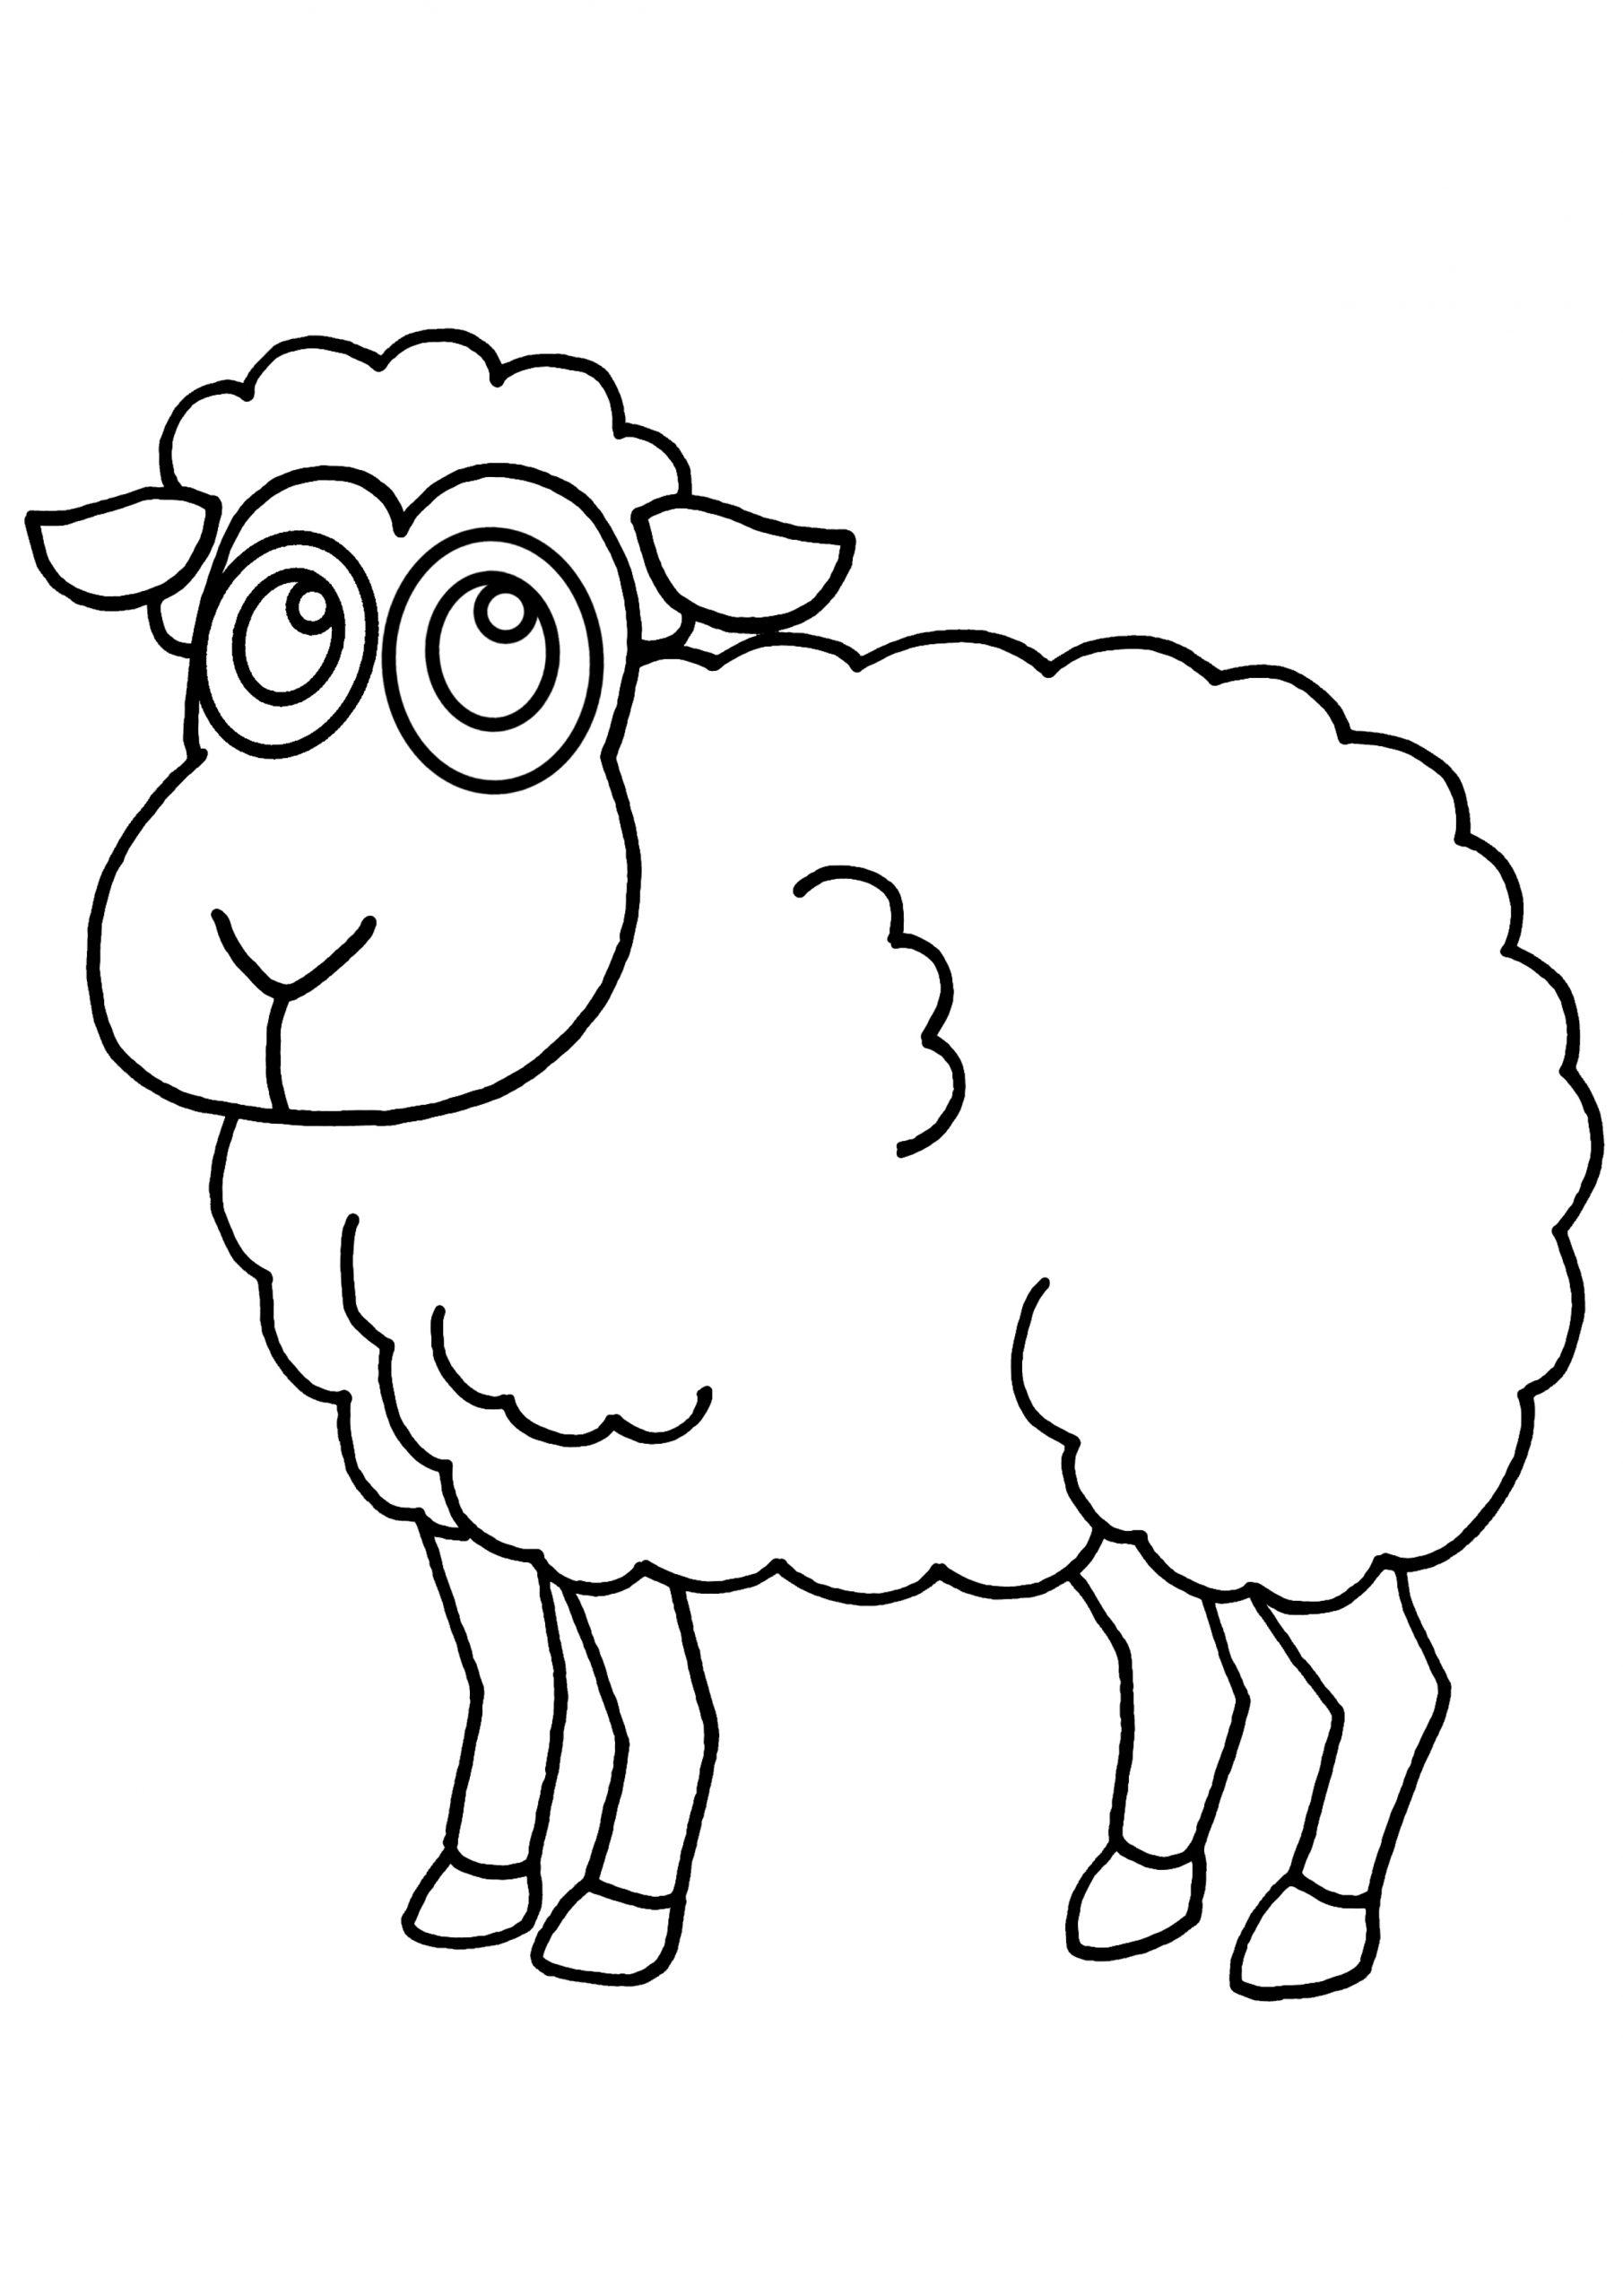 Coloriage Mouton - Les Beaux Dessins De Animaux À Imprimer tout Photo De Mouton A Imprimer